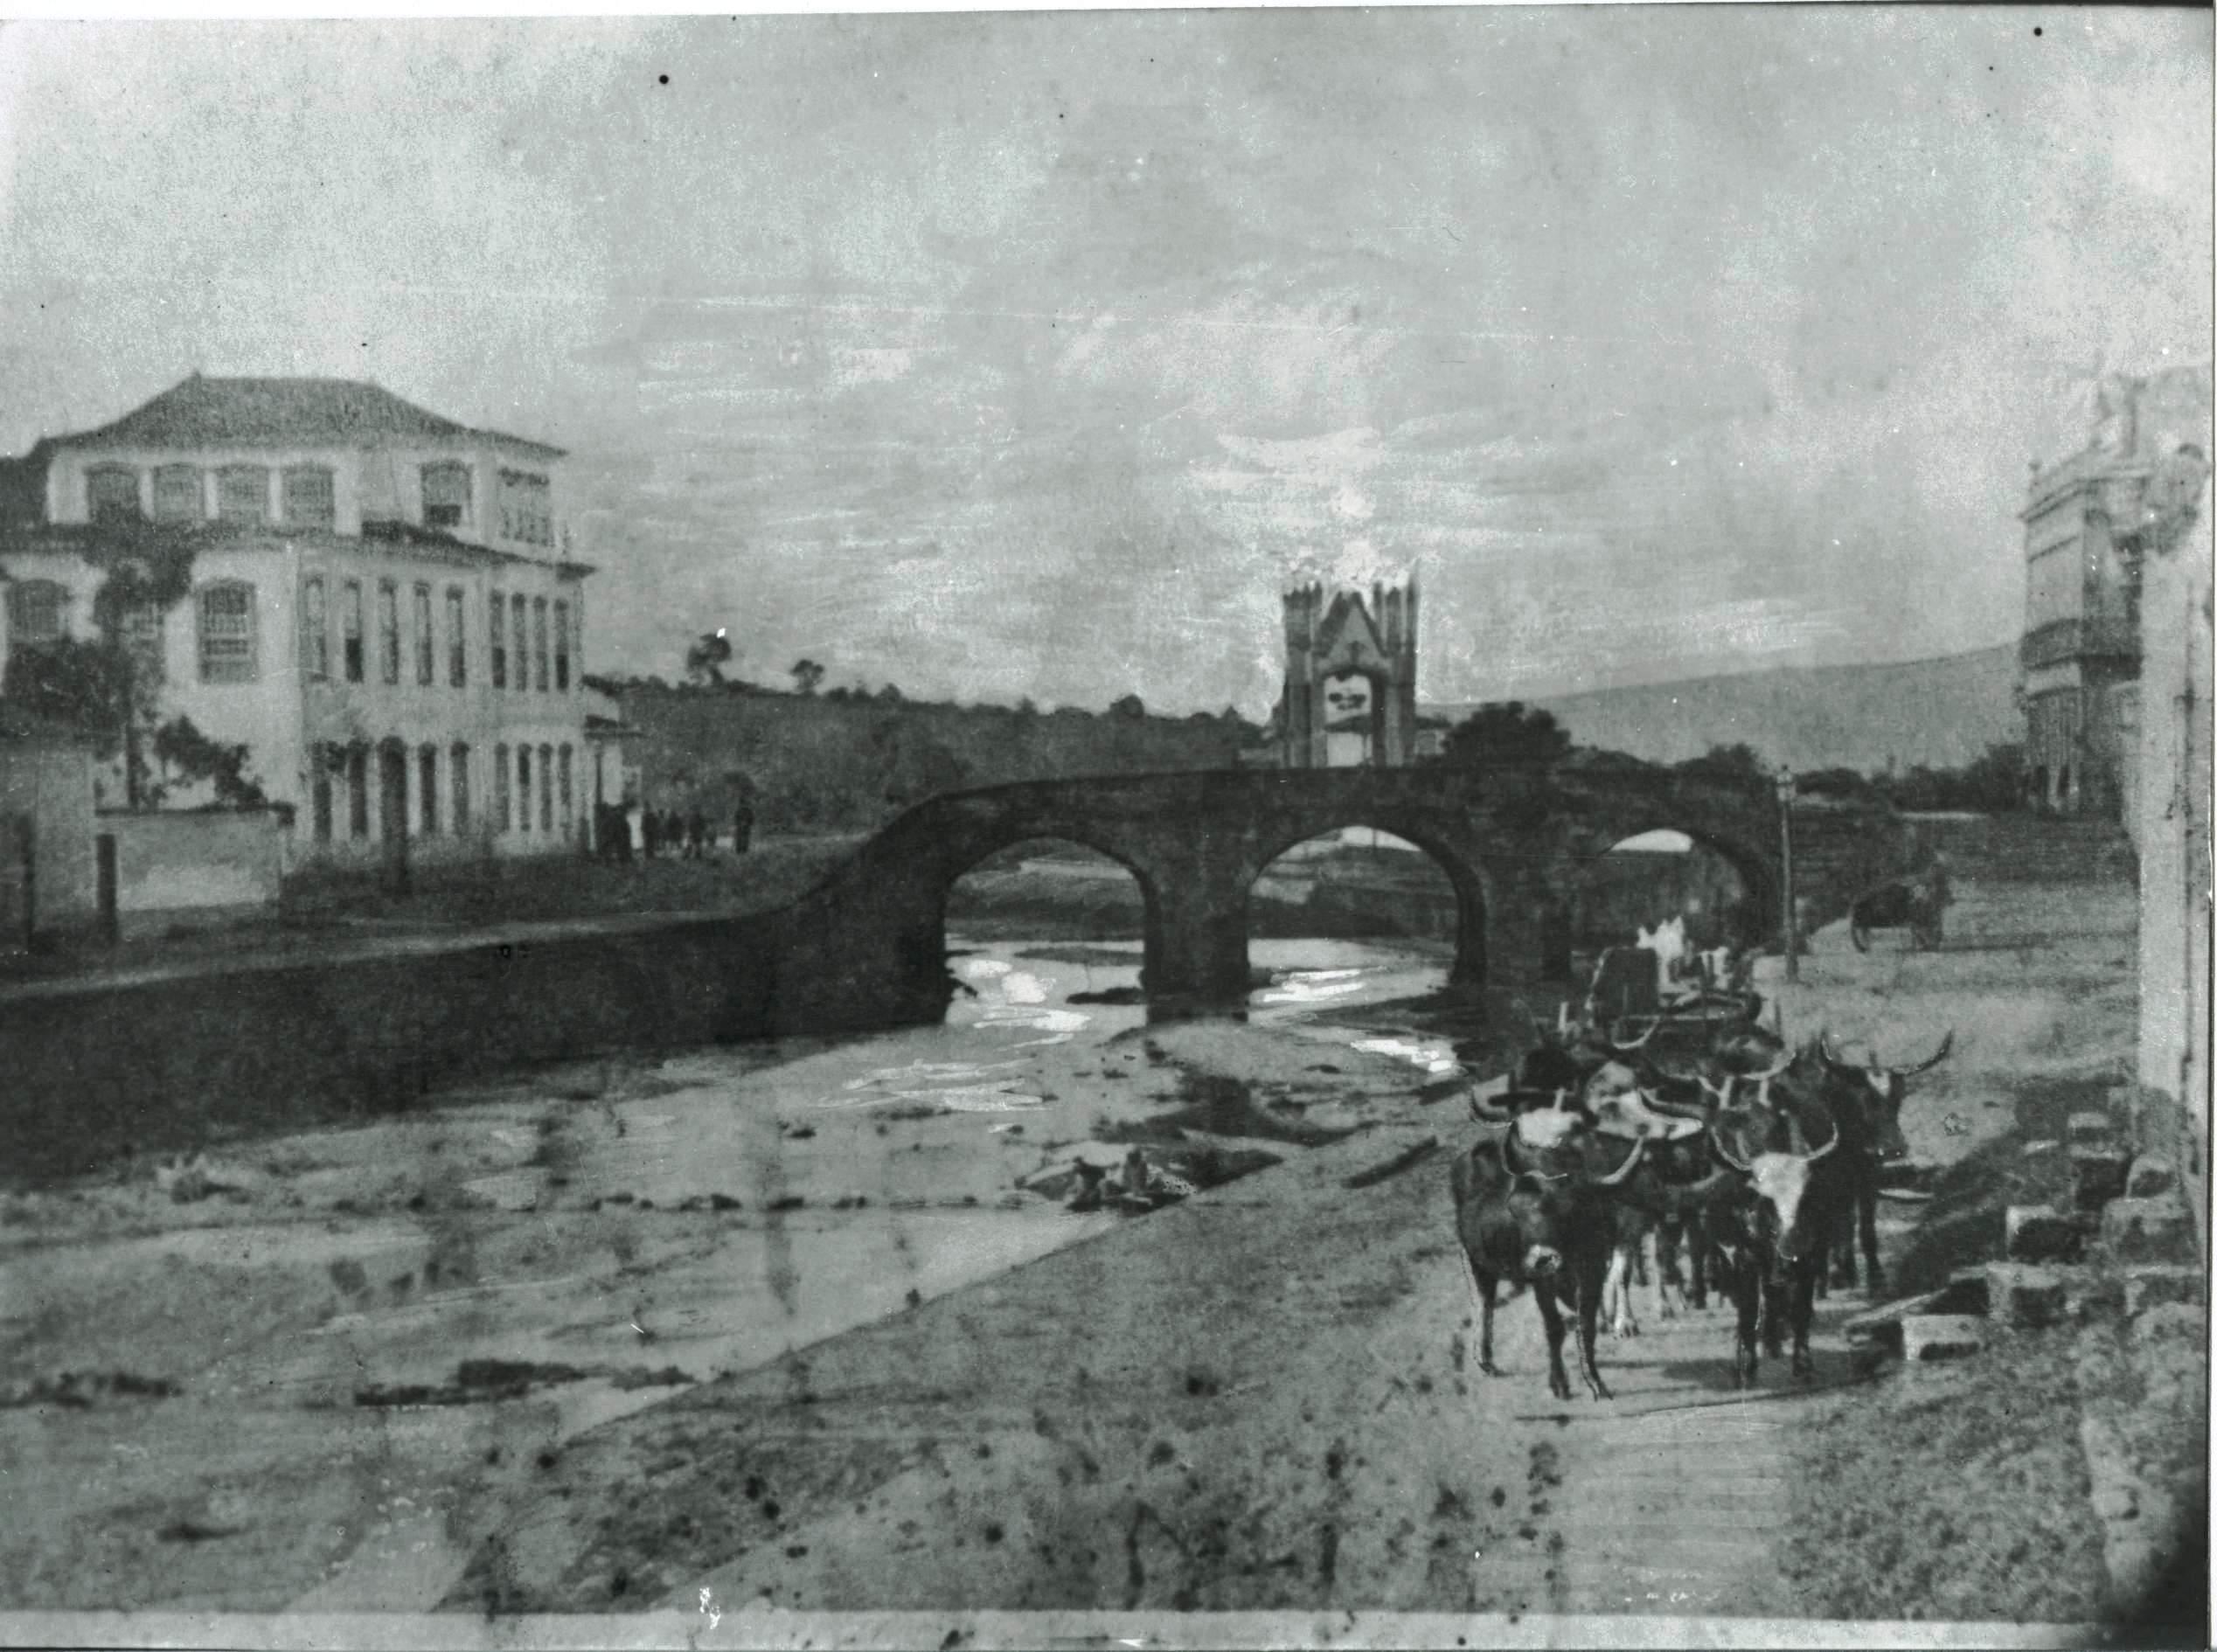 Foto da Ponte da cadeia, em São João del-Rei, com o Arco do Triunfo feito para comemorar a visita de D. Pedro II à cidade, em 1981